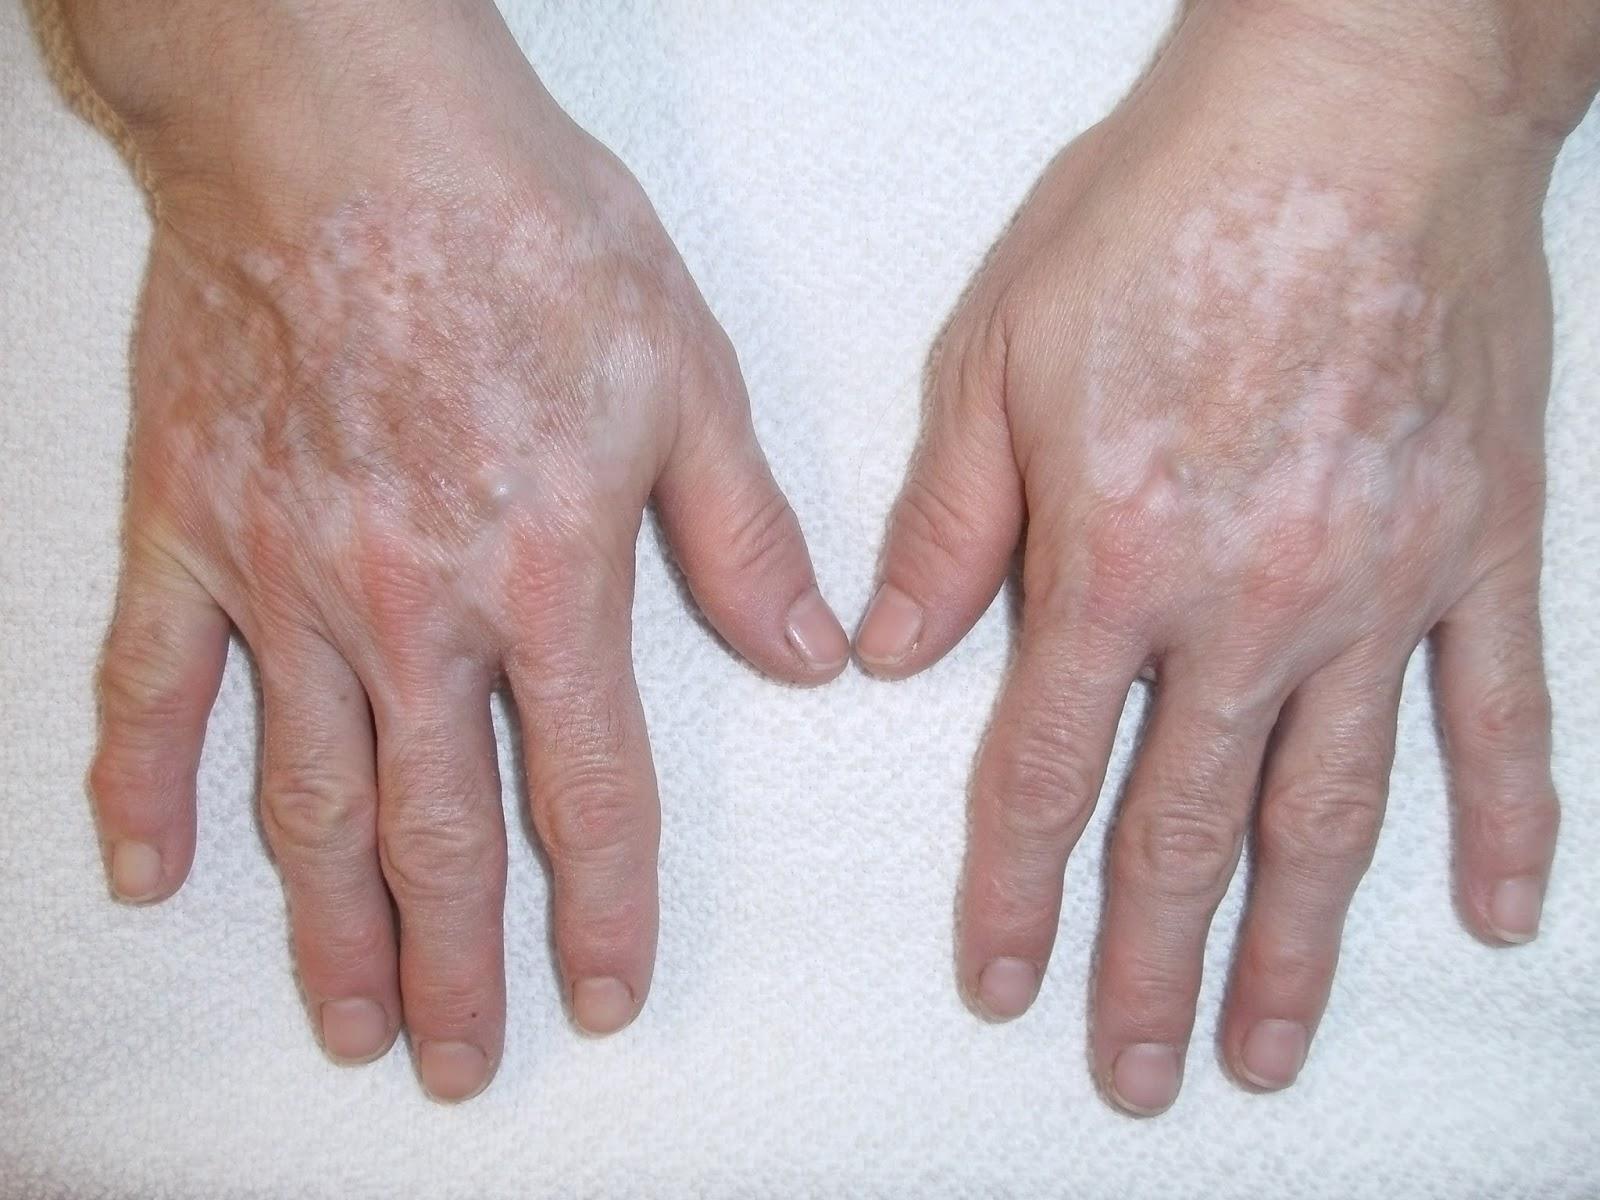 Methotrexate and infliximab rheumatoid arthritis